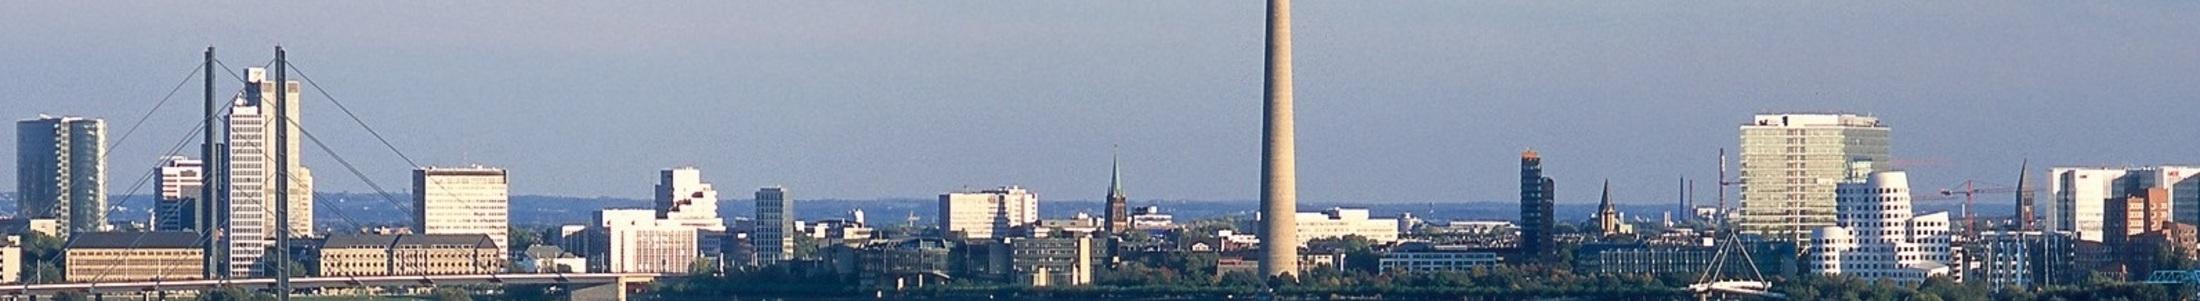 Bild: Fotocredit: Hans-Peter Heinrichs Düsseldorf/Wirtschaftsförderung